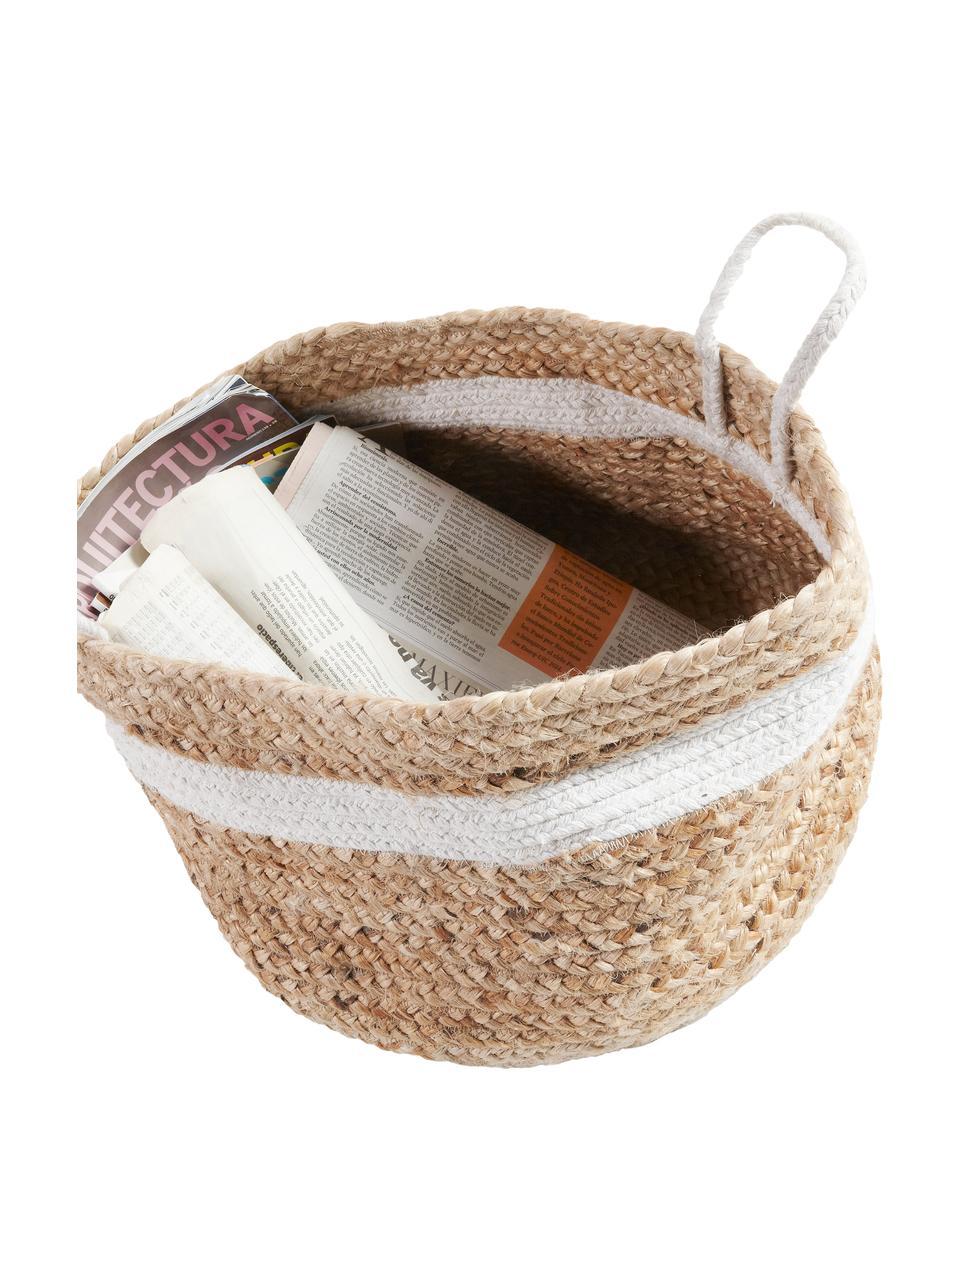 Aufbewahrungskorb Saht aus Jute in Hellbraun/Weiß, Korb: Jute, Griff: Baumwolle, Dekor: Baumwolle, Braun, Weiß, Ø 40 x H 30 cm